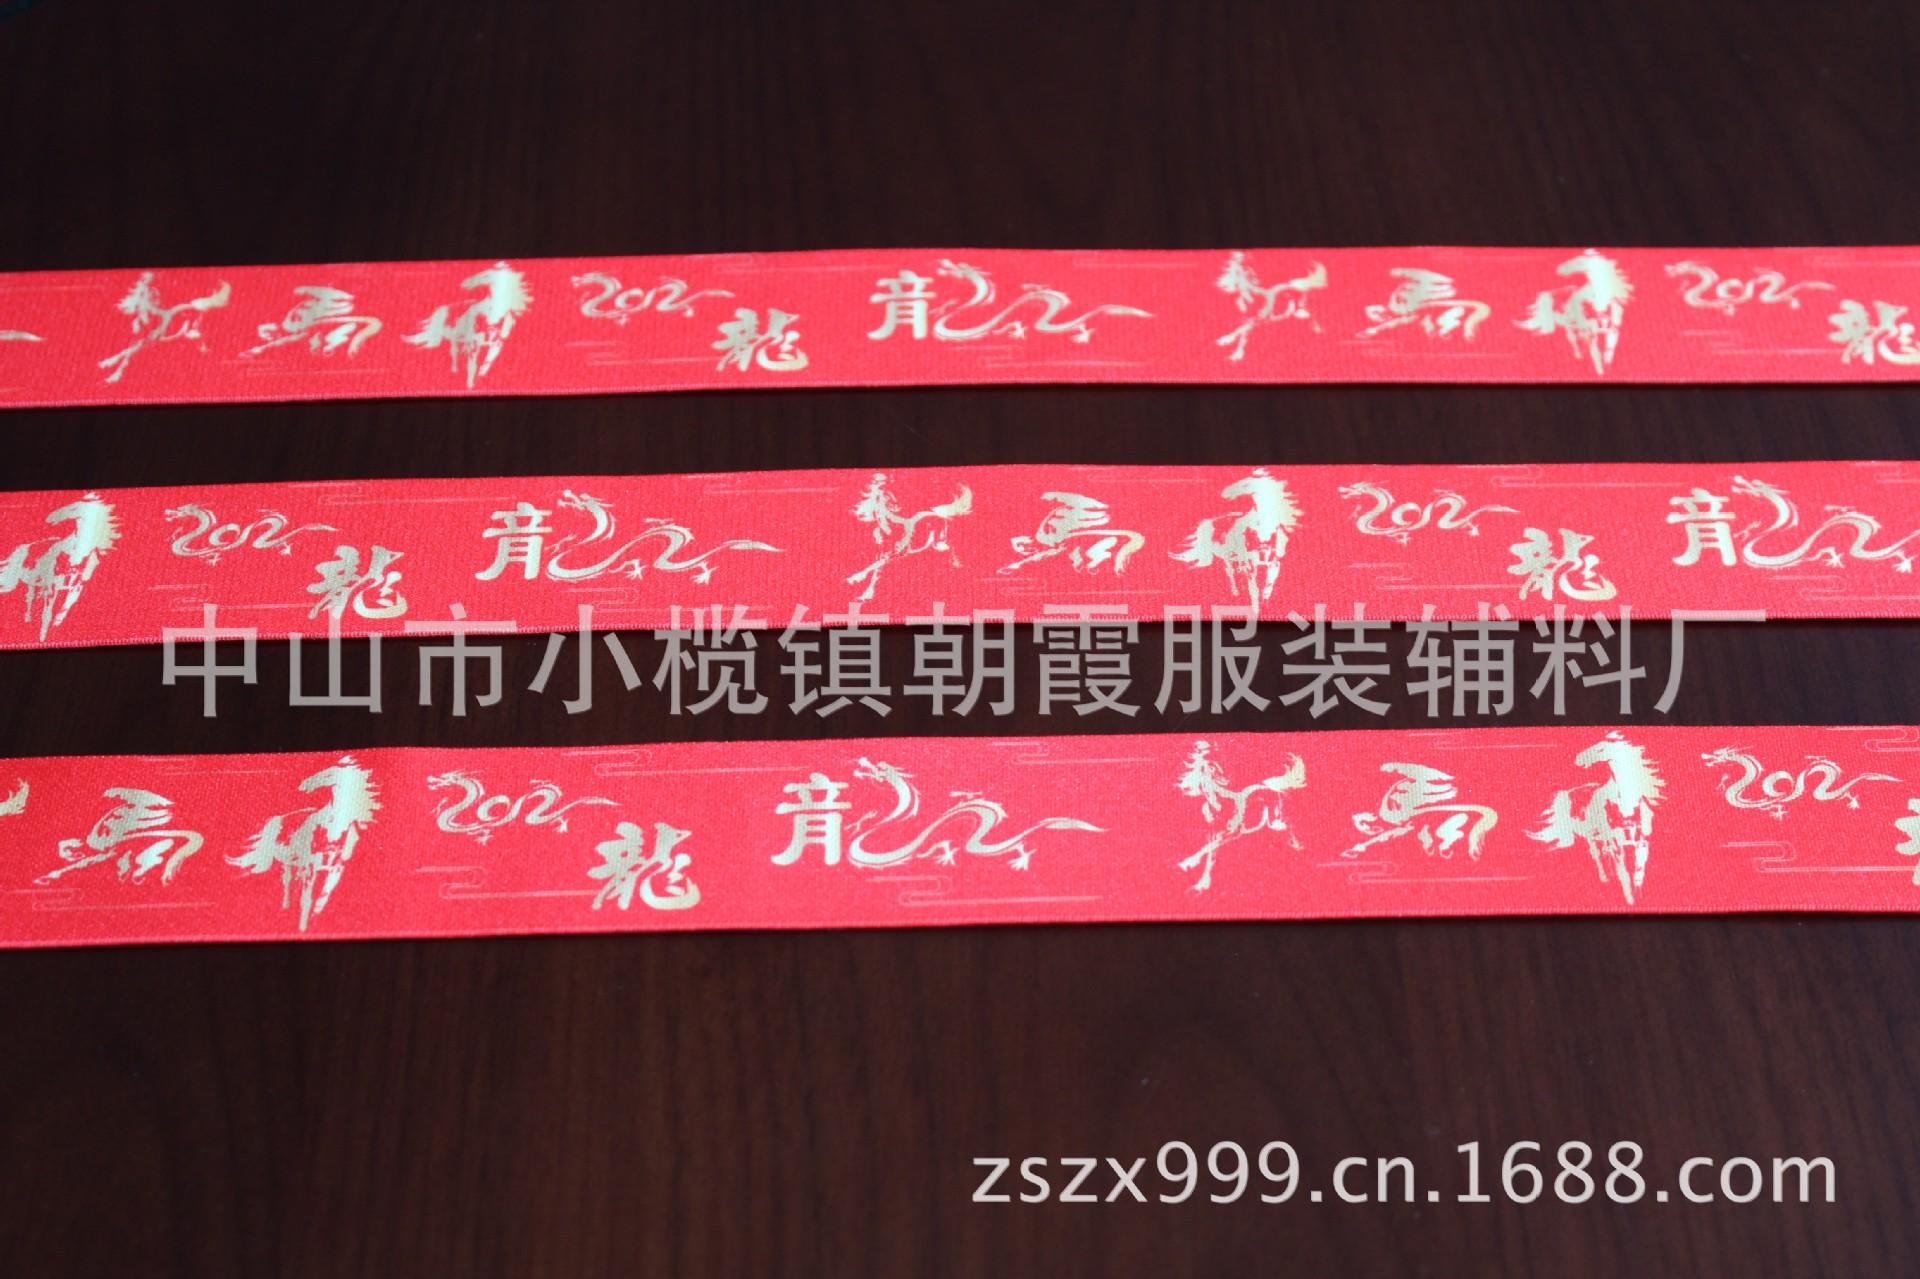 供应环保热转印松紧带,罗纹带,迷彩带,花色齐全印花织带厂家直销